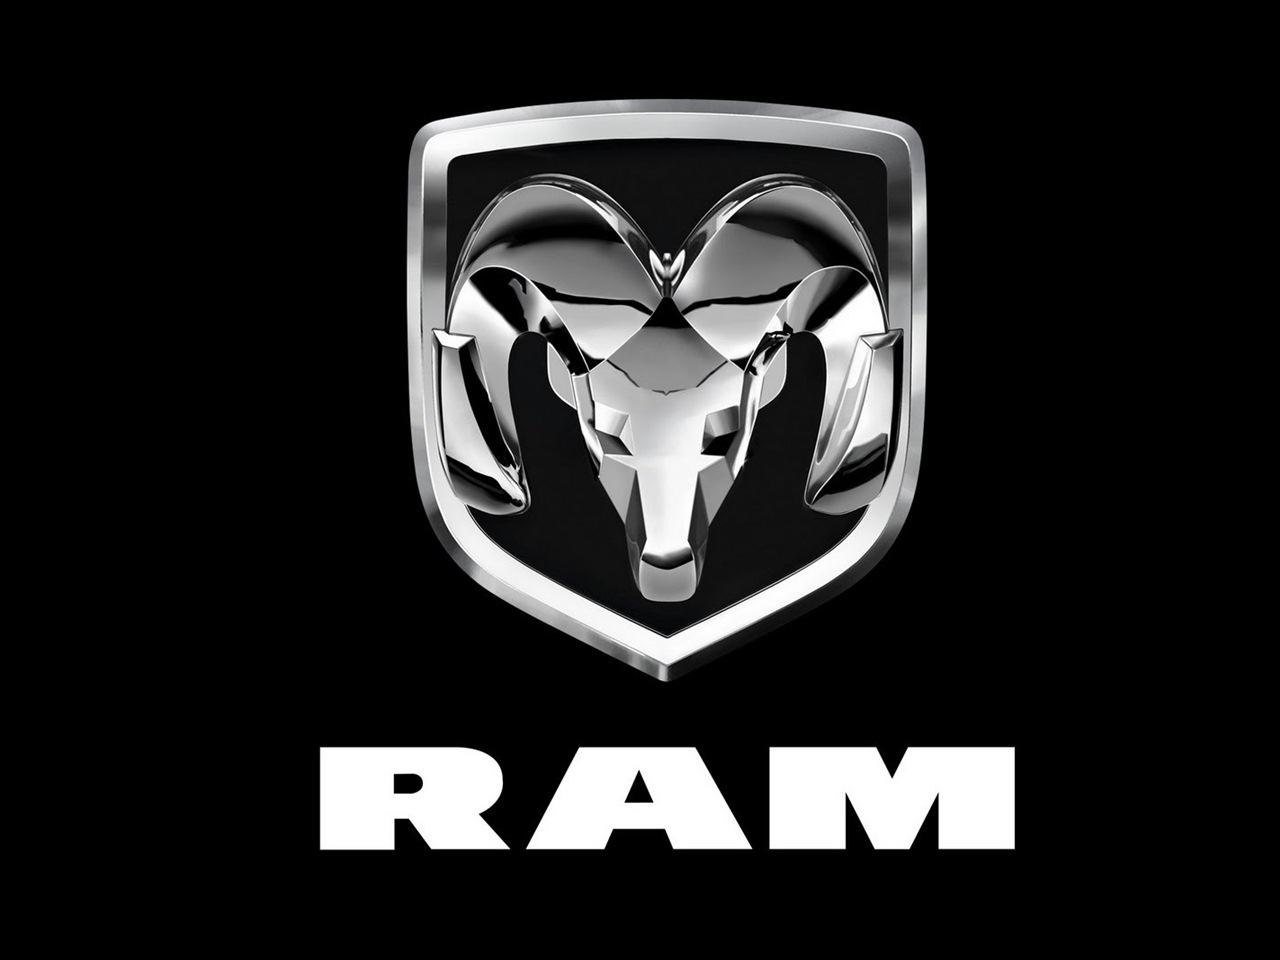 Ram thanksgiving video praises hard working americans - Ram logo images ...